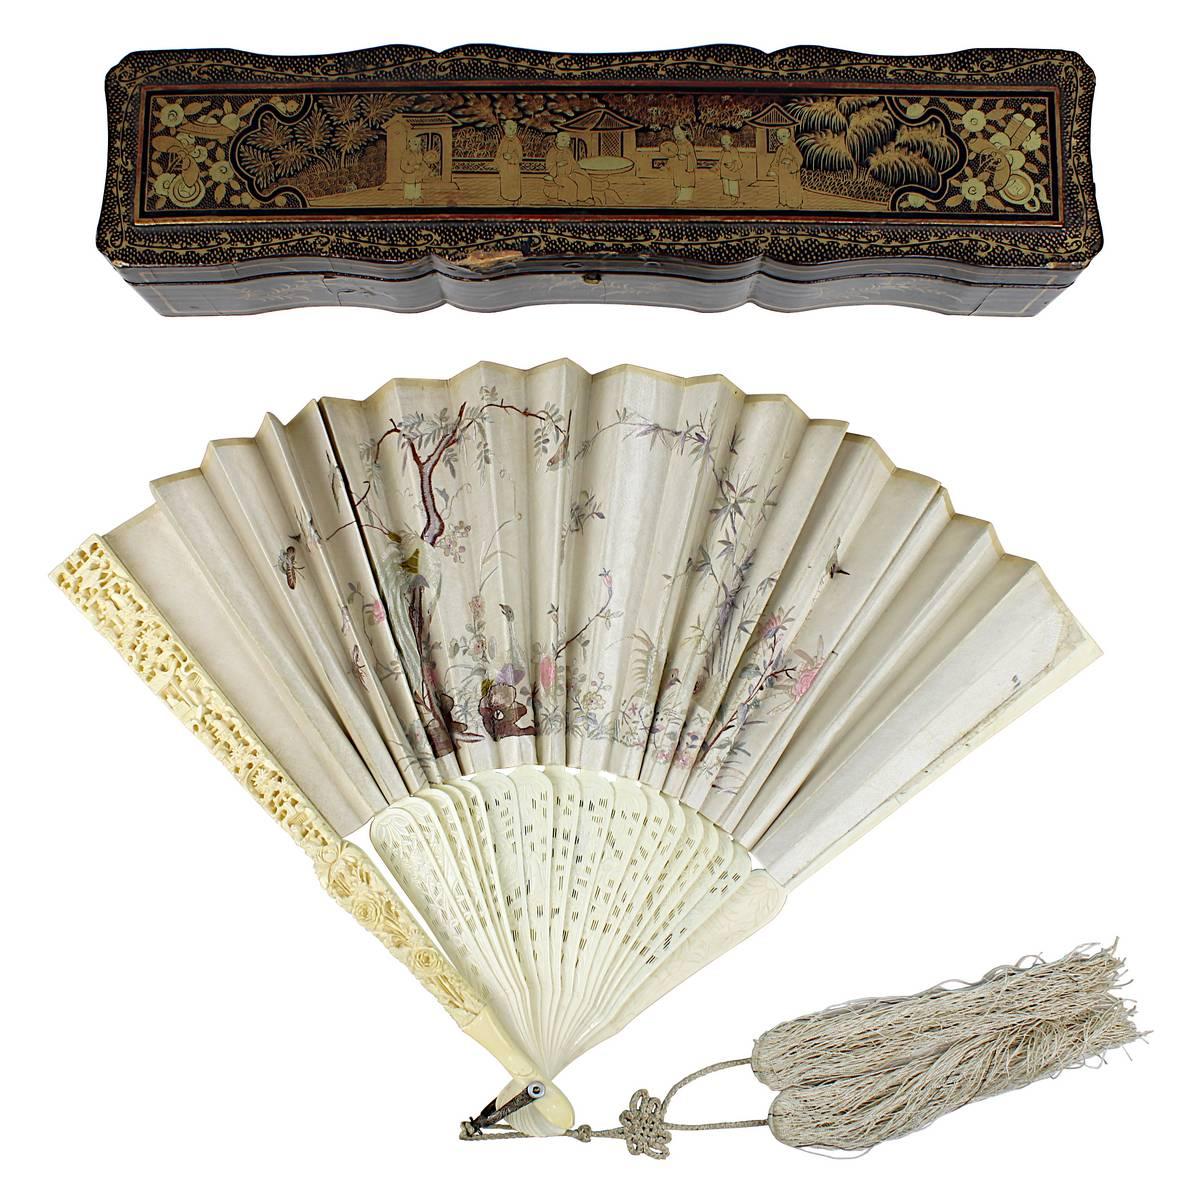 1-0019 - Chinesischer Seidenfächer mit Elfenbein, im originalen Lacketui, China um 1900 Image